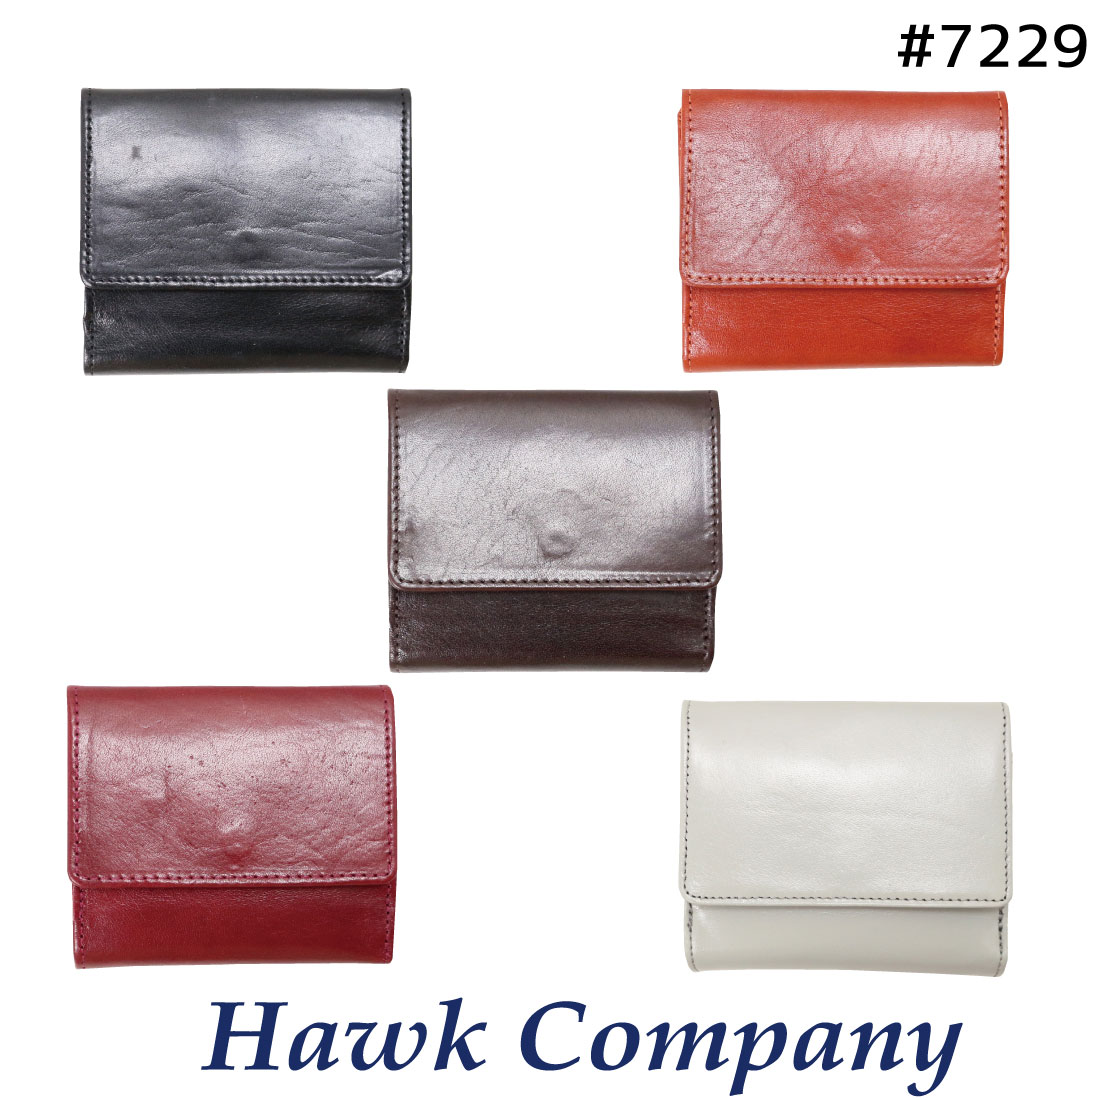 ホークカンパニー Hawk Company 二つ折り コンパクト レザー シンプル 機能性 ショートウォレット イタリアンレザー 7229 男女兼用 プレゼント